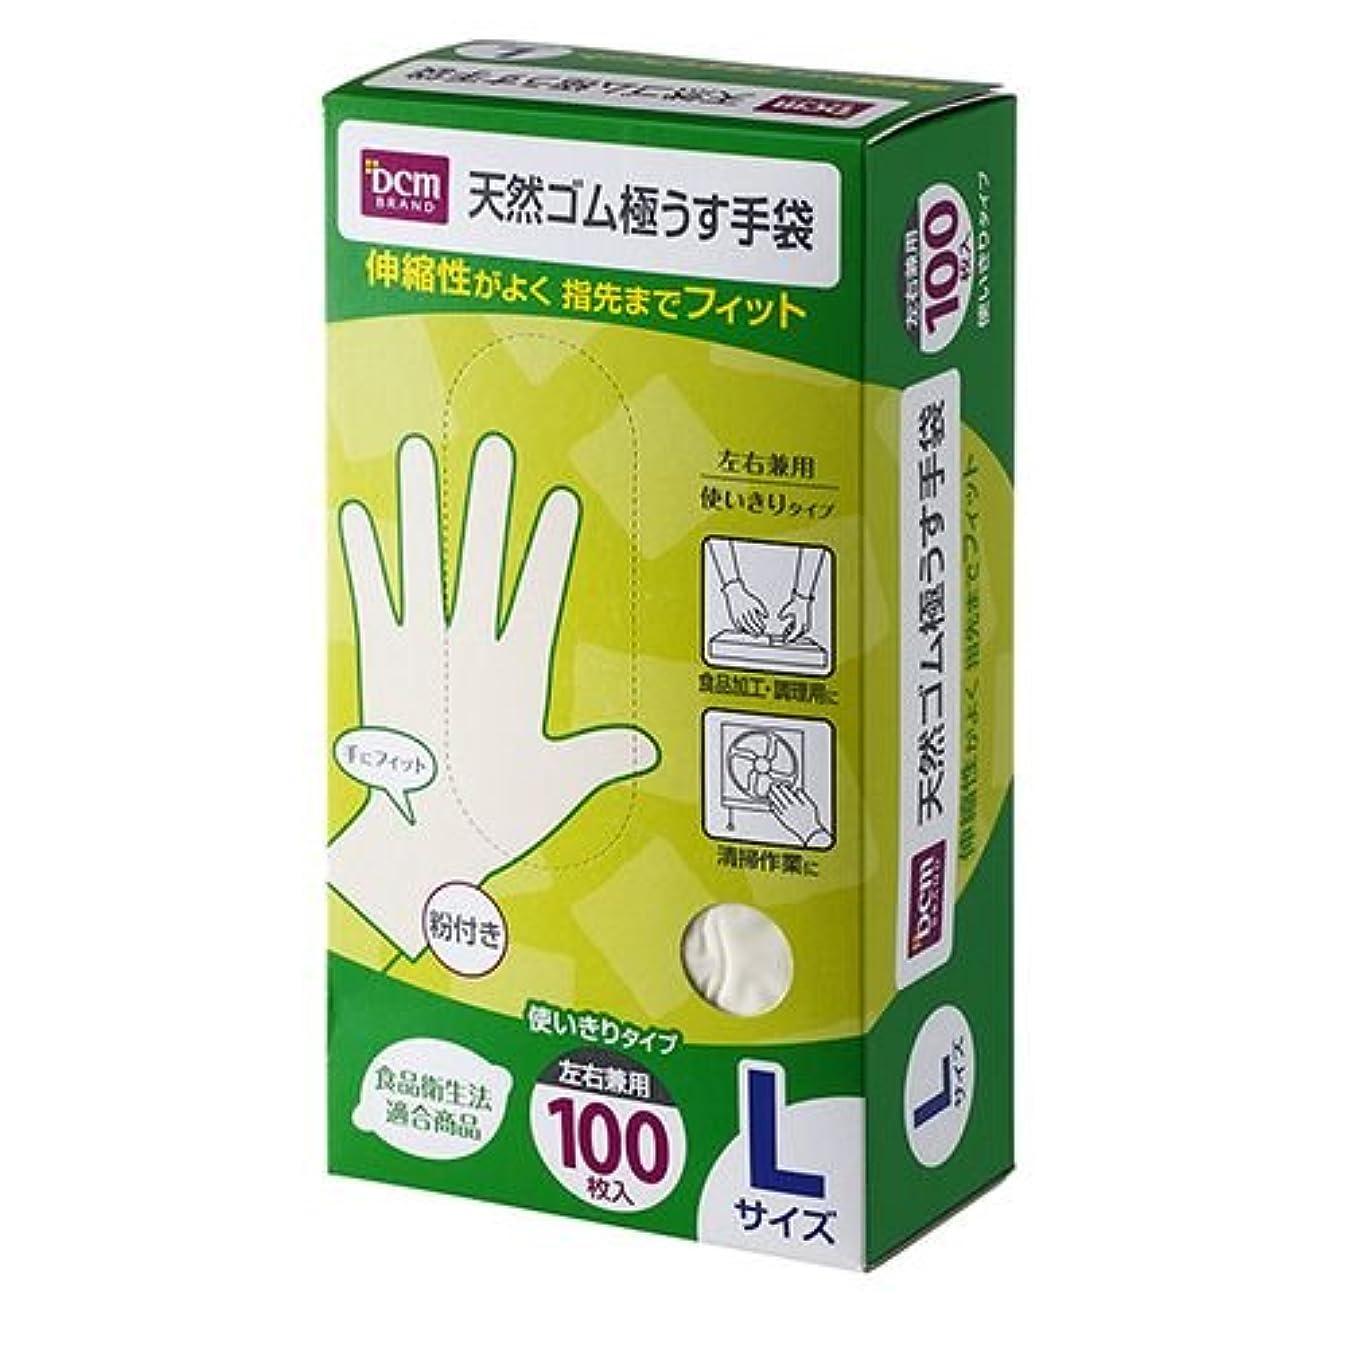 比率ピアノを弾く分配します天然ゴム 極うす 手袋 HI06T81 L 100枚入 L